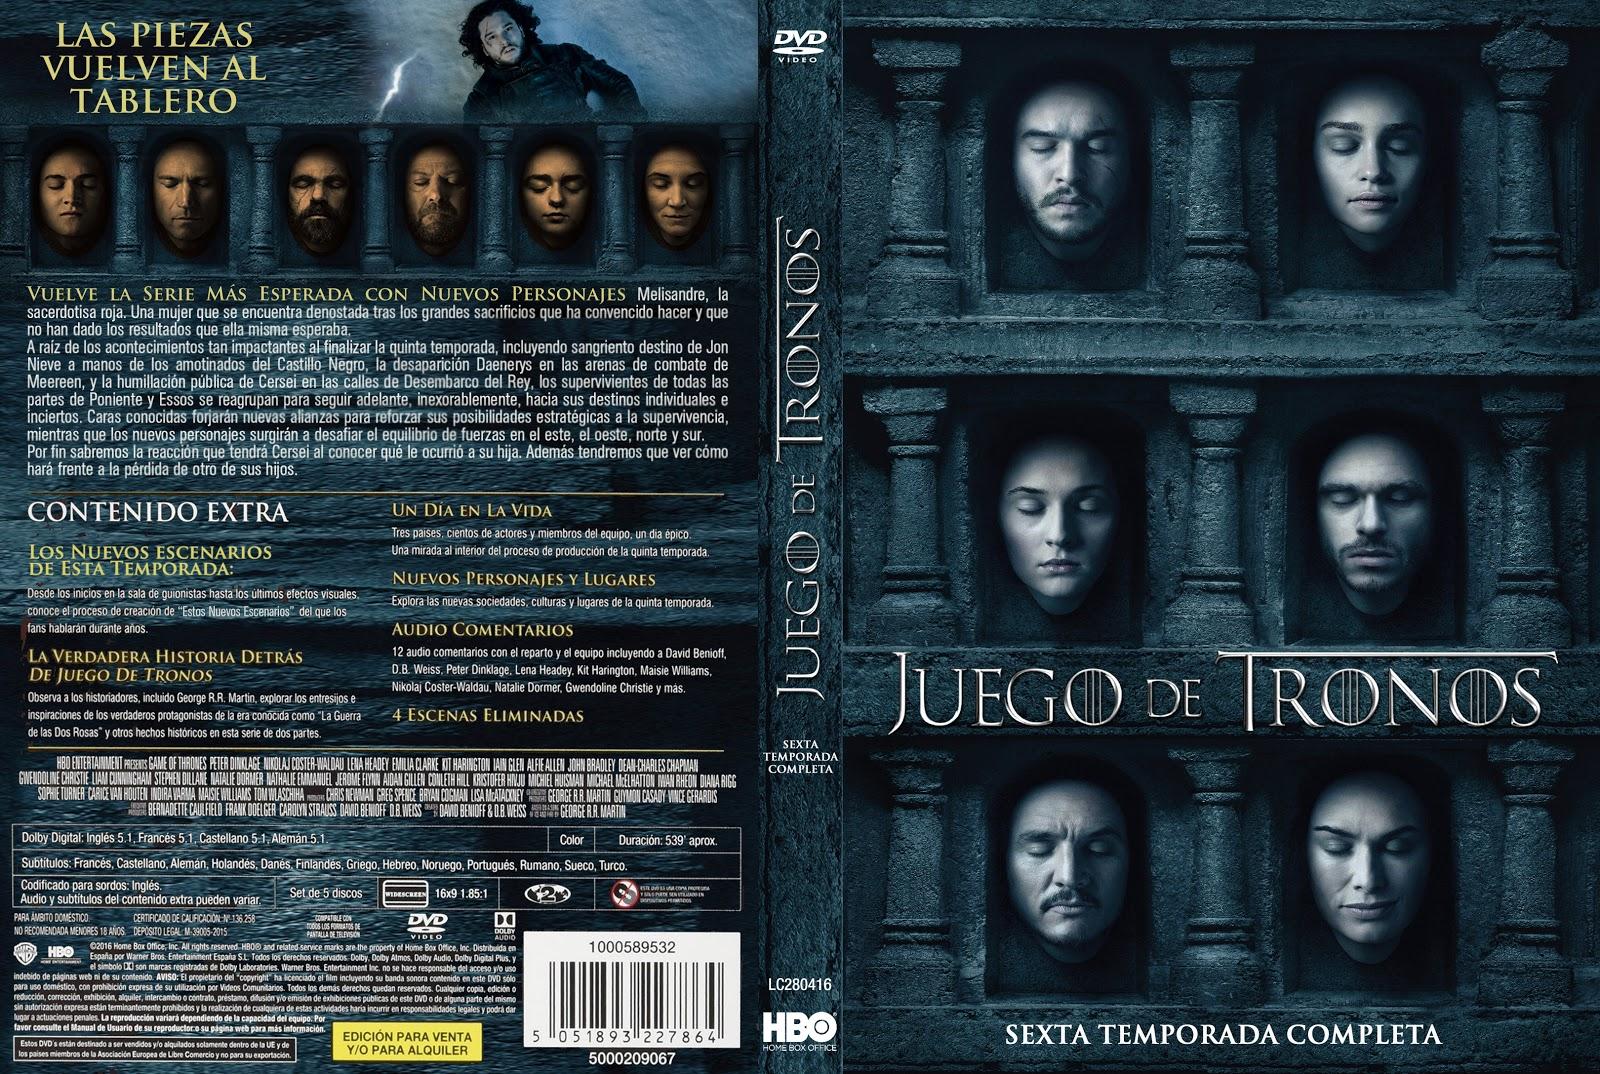 Descargar Juego De Tronos 2 Temporada Latino Mega Hd Germanlinoa S Blog